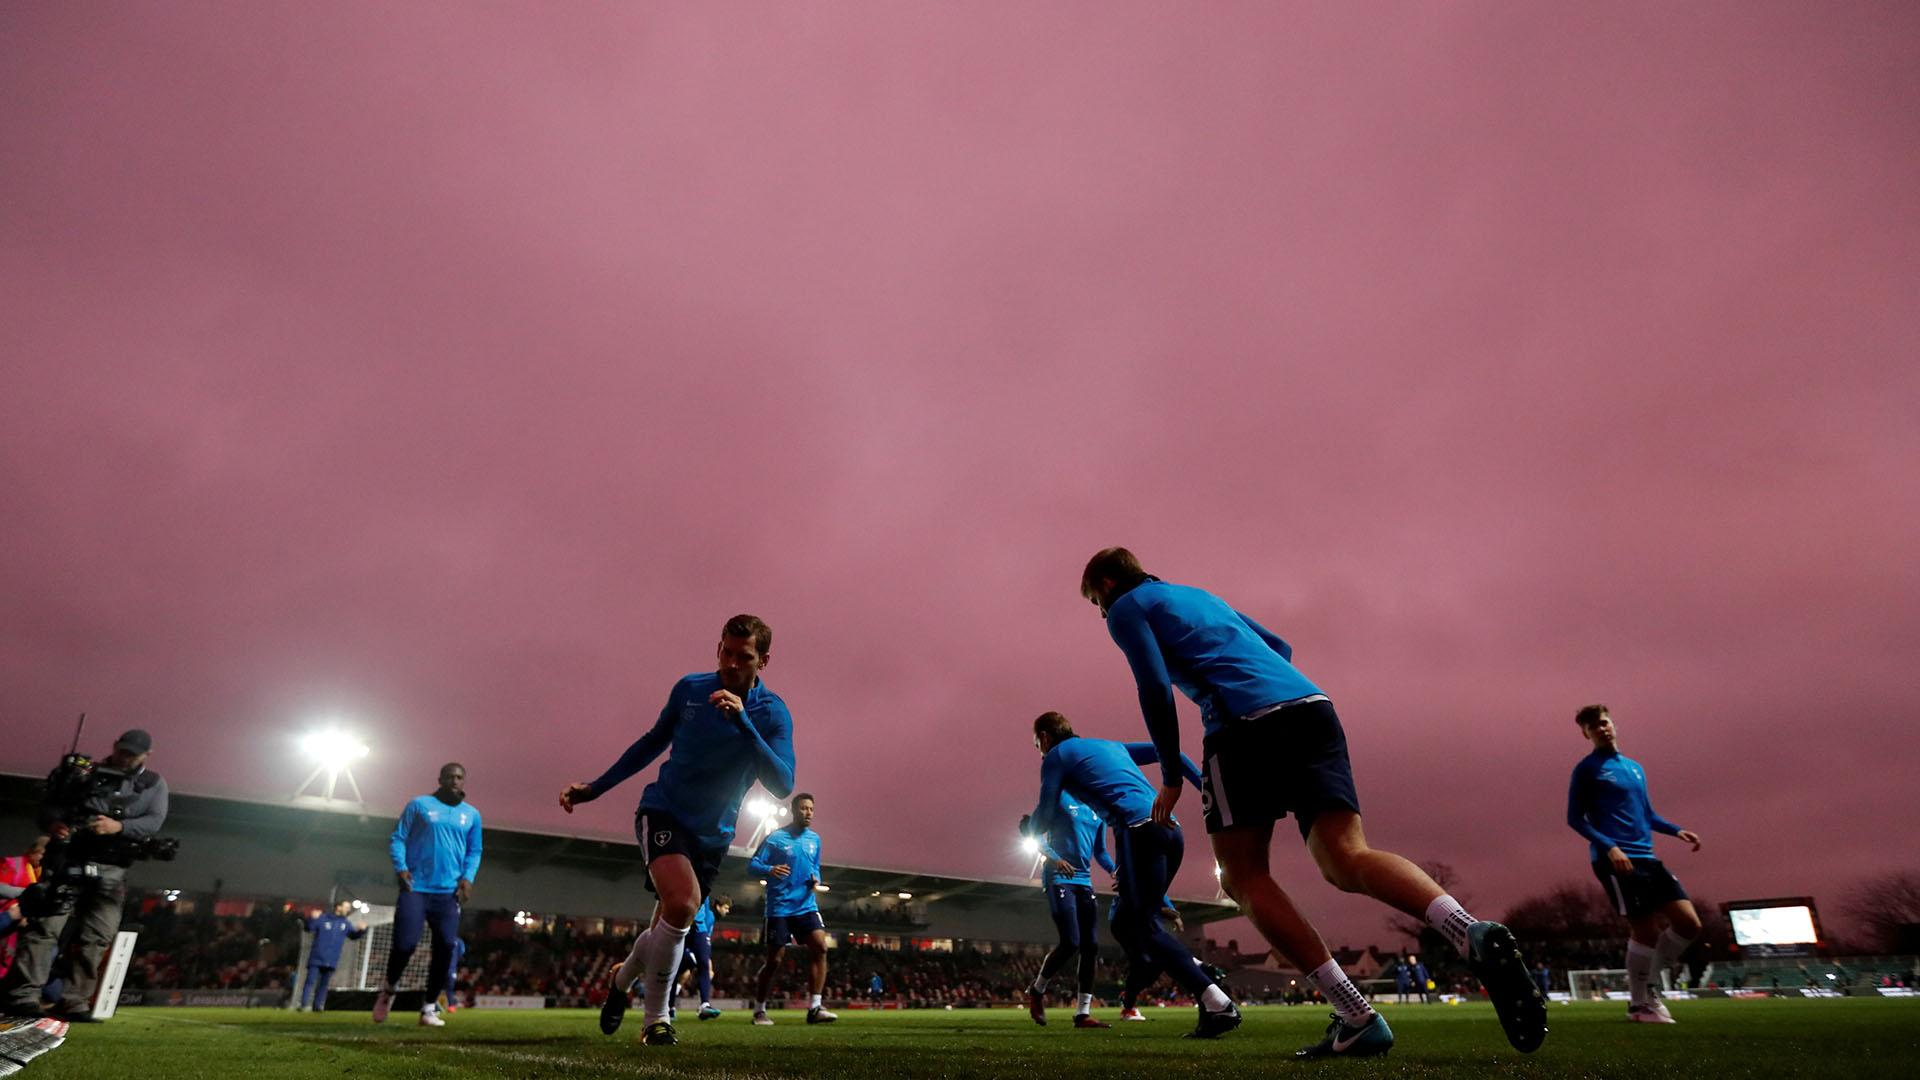 Desde que los jugadores salieron a realizar los trabajos precompetitivos, los simpatizantes advirtieron un extraño fenómeno en el cielo